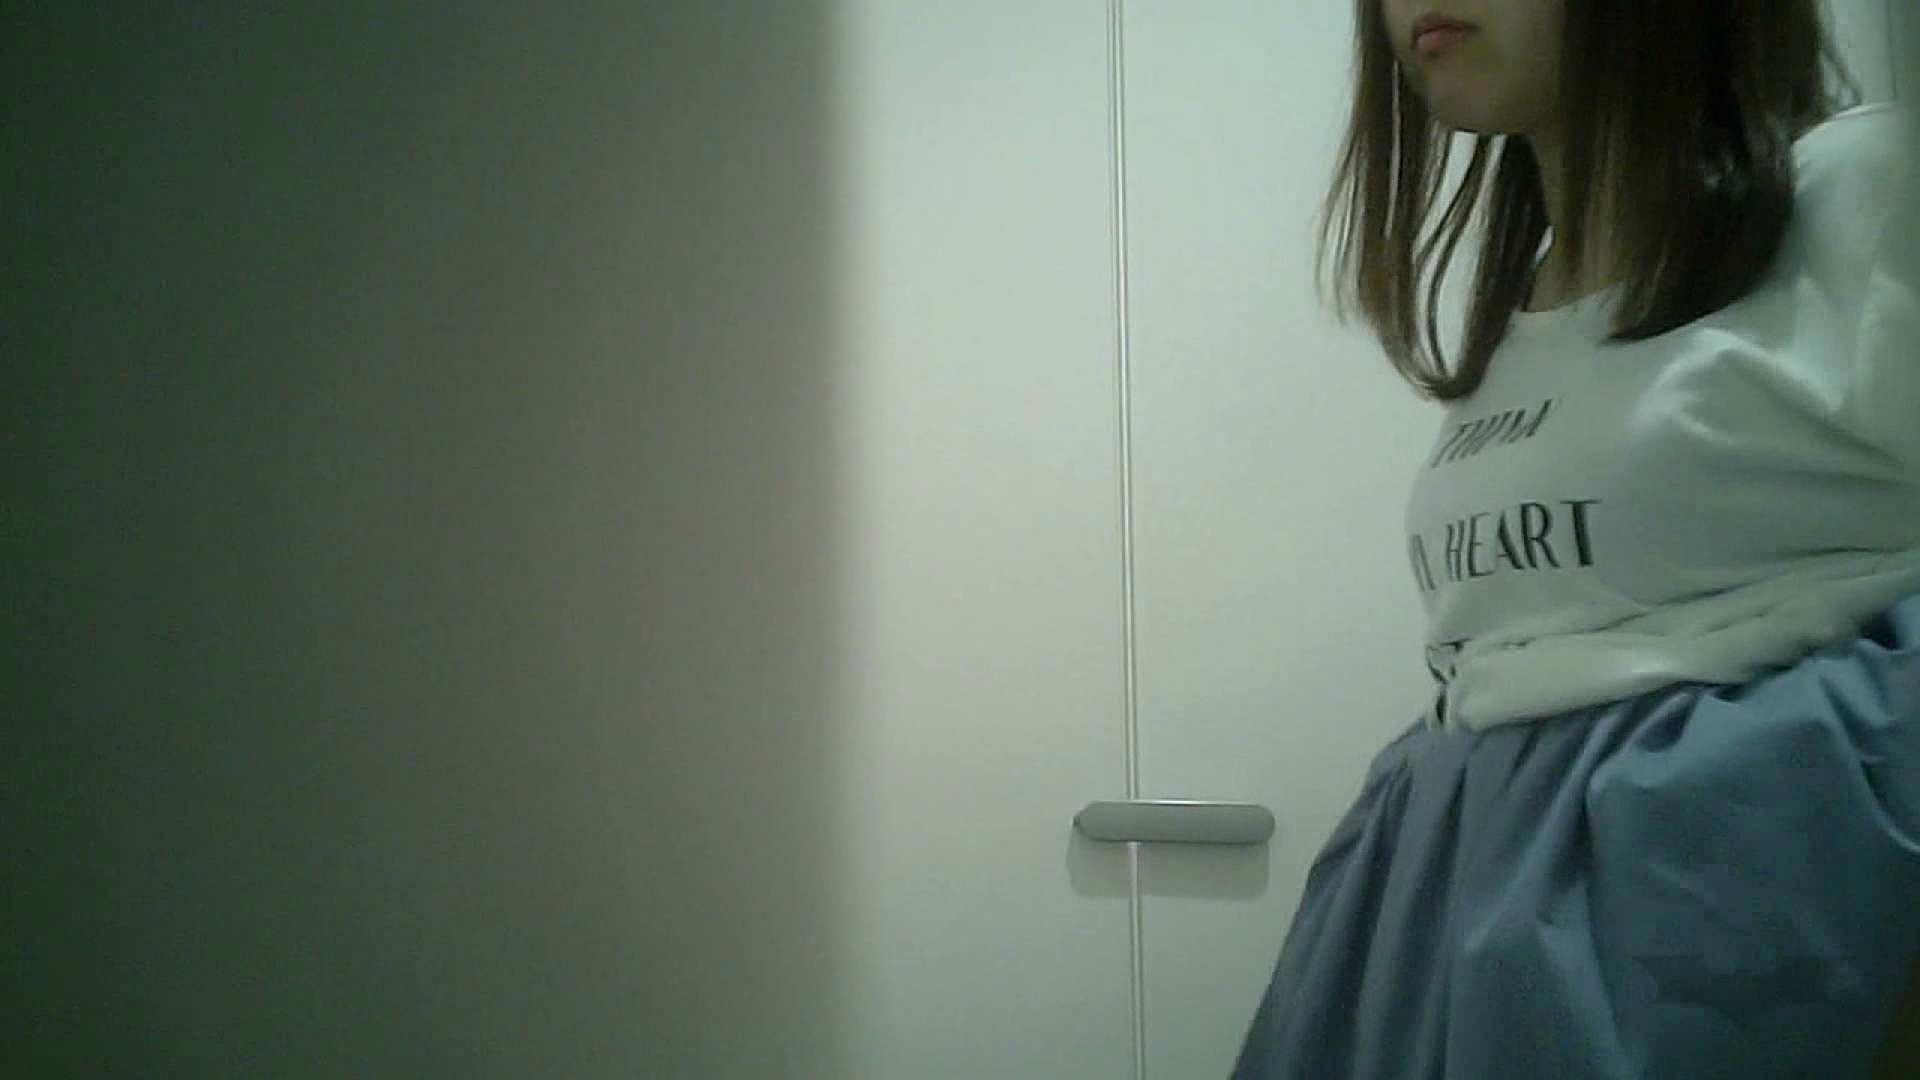 有名大学女性洗面所 vol.38 おやっ!お着替えシーンもいただきましたよ。 着替え ワレメ動画紹介 67画像 59